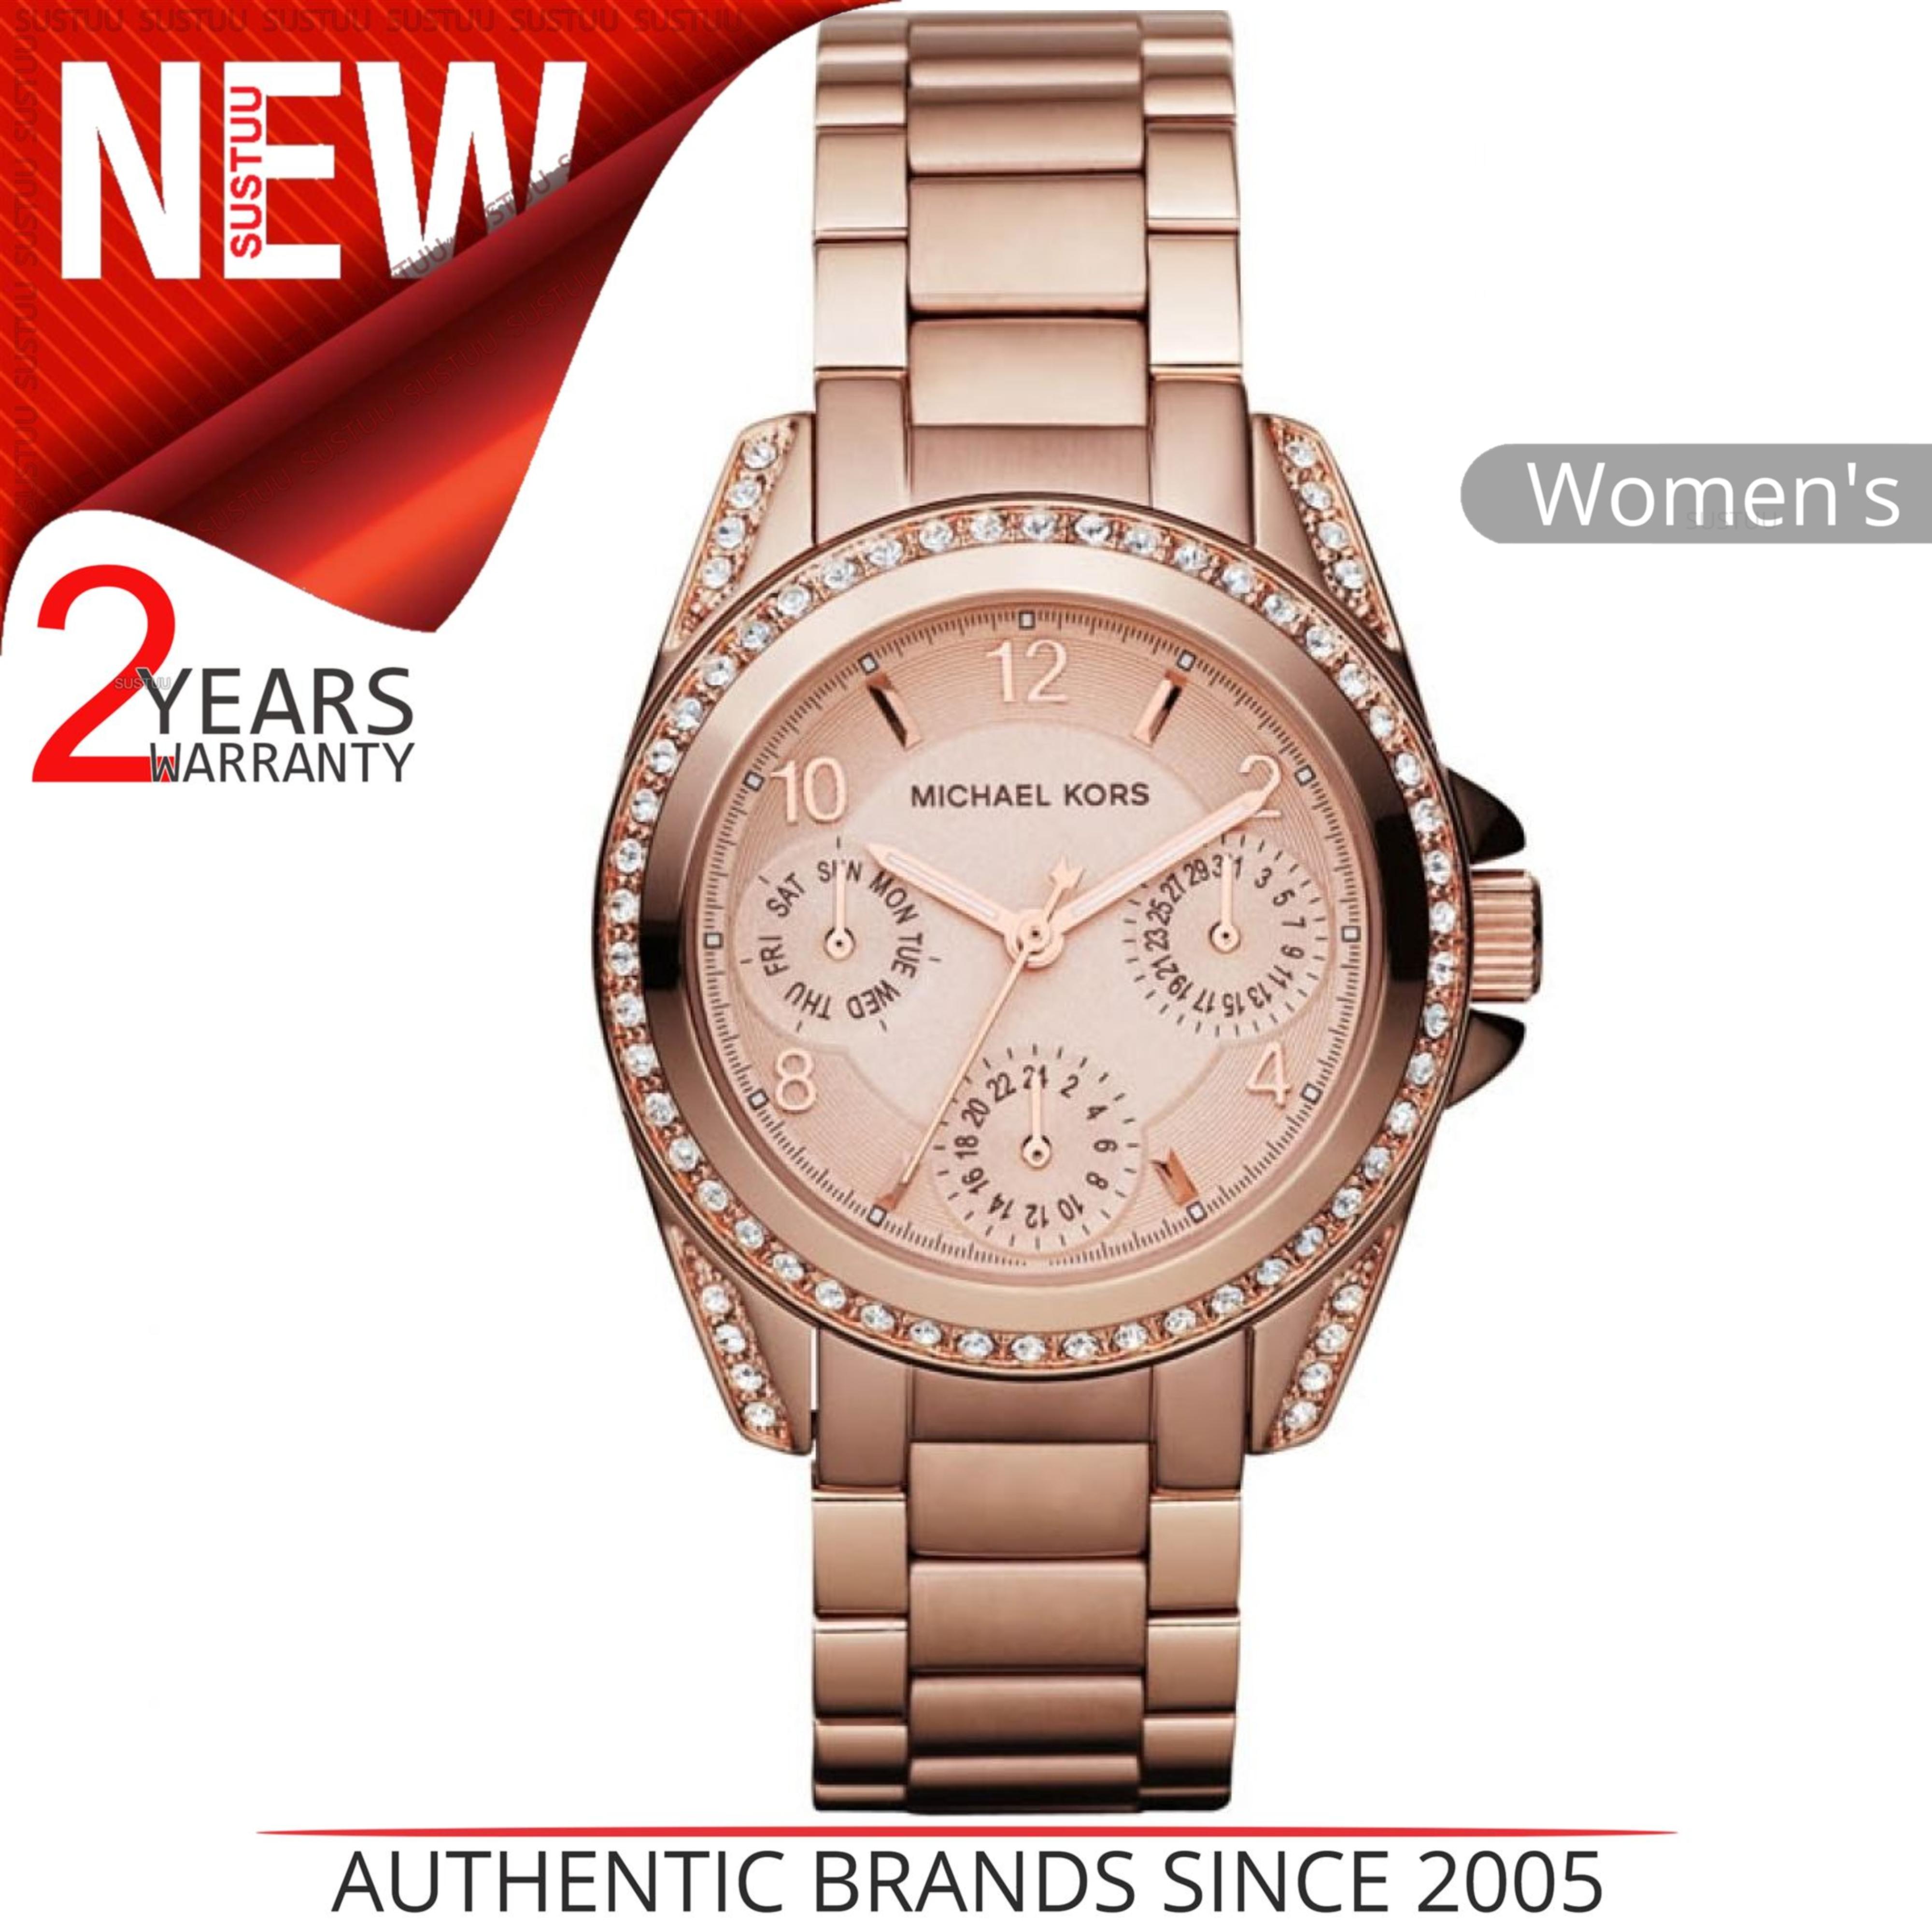 6672e9c0d667 Details about Michael Kors Mini Blair Ladies Watch MK5613│Chronograph  Design│Rose Gold Tone